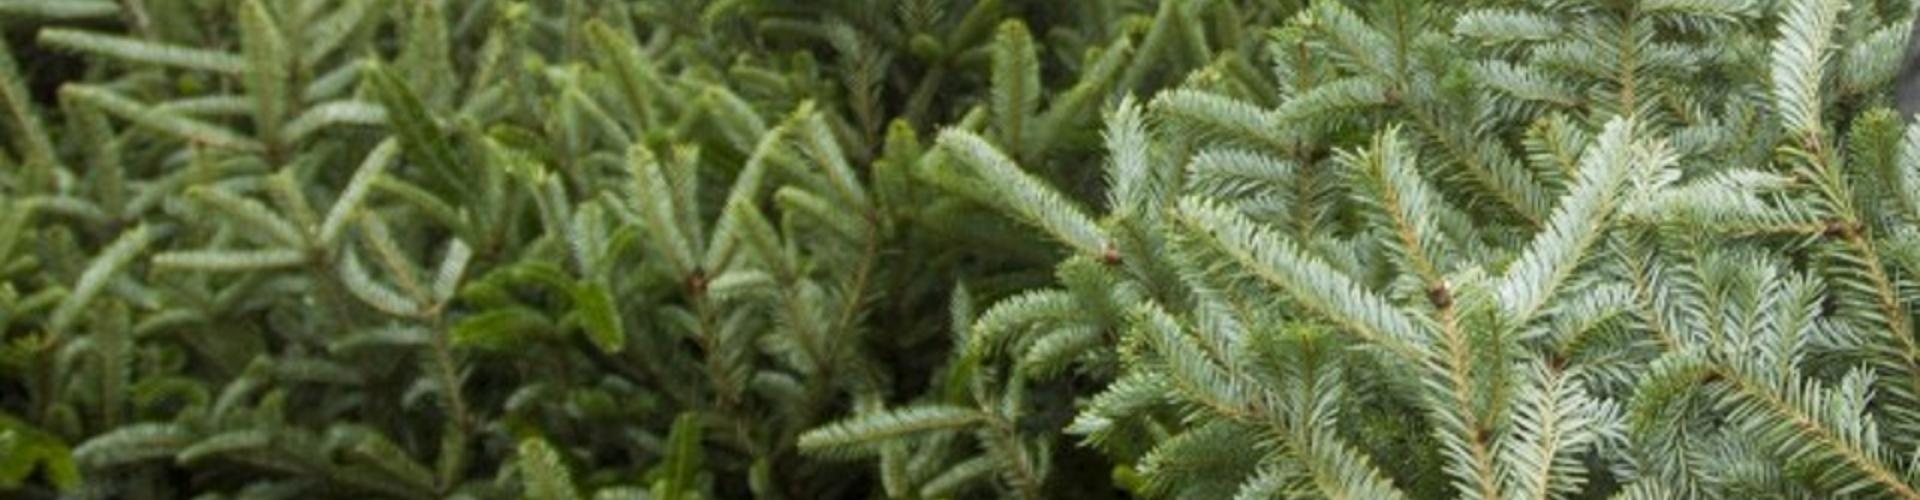 Kerstbomen verkoop voor het goede doel!